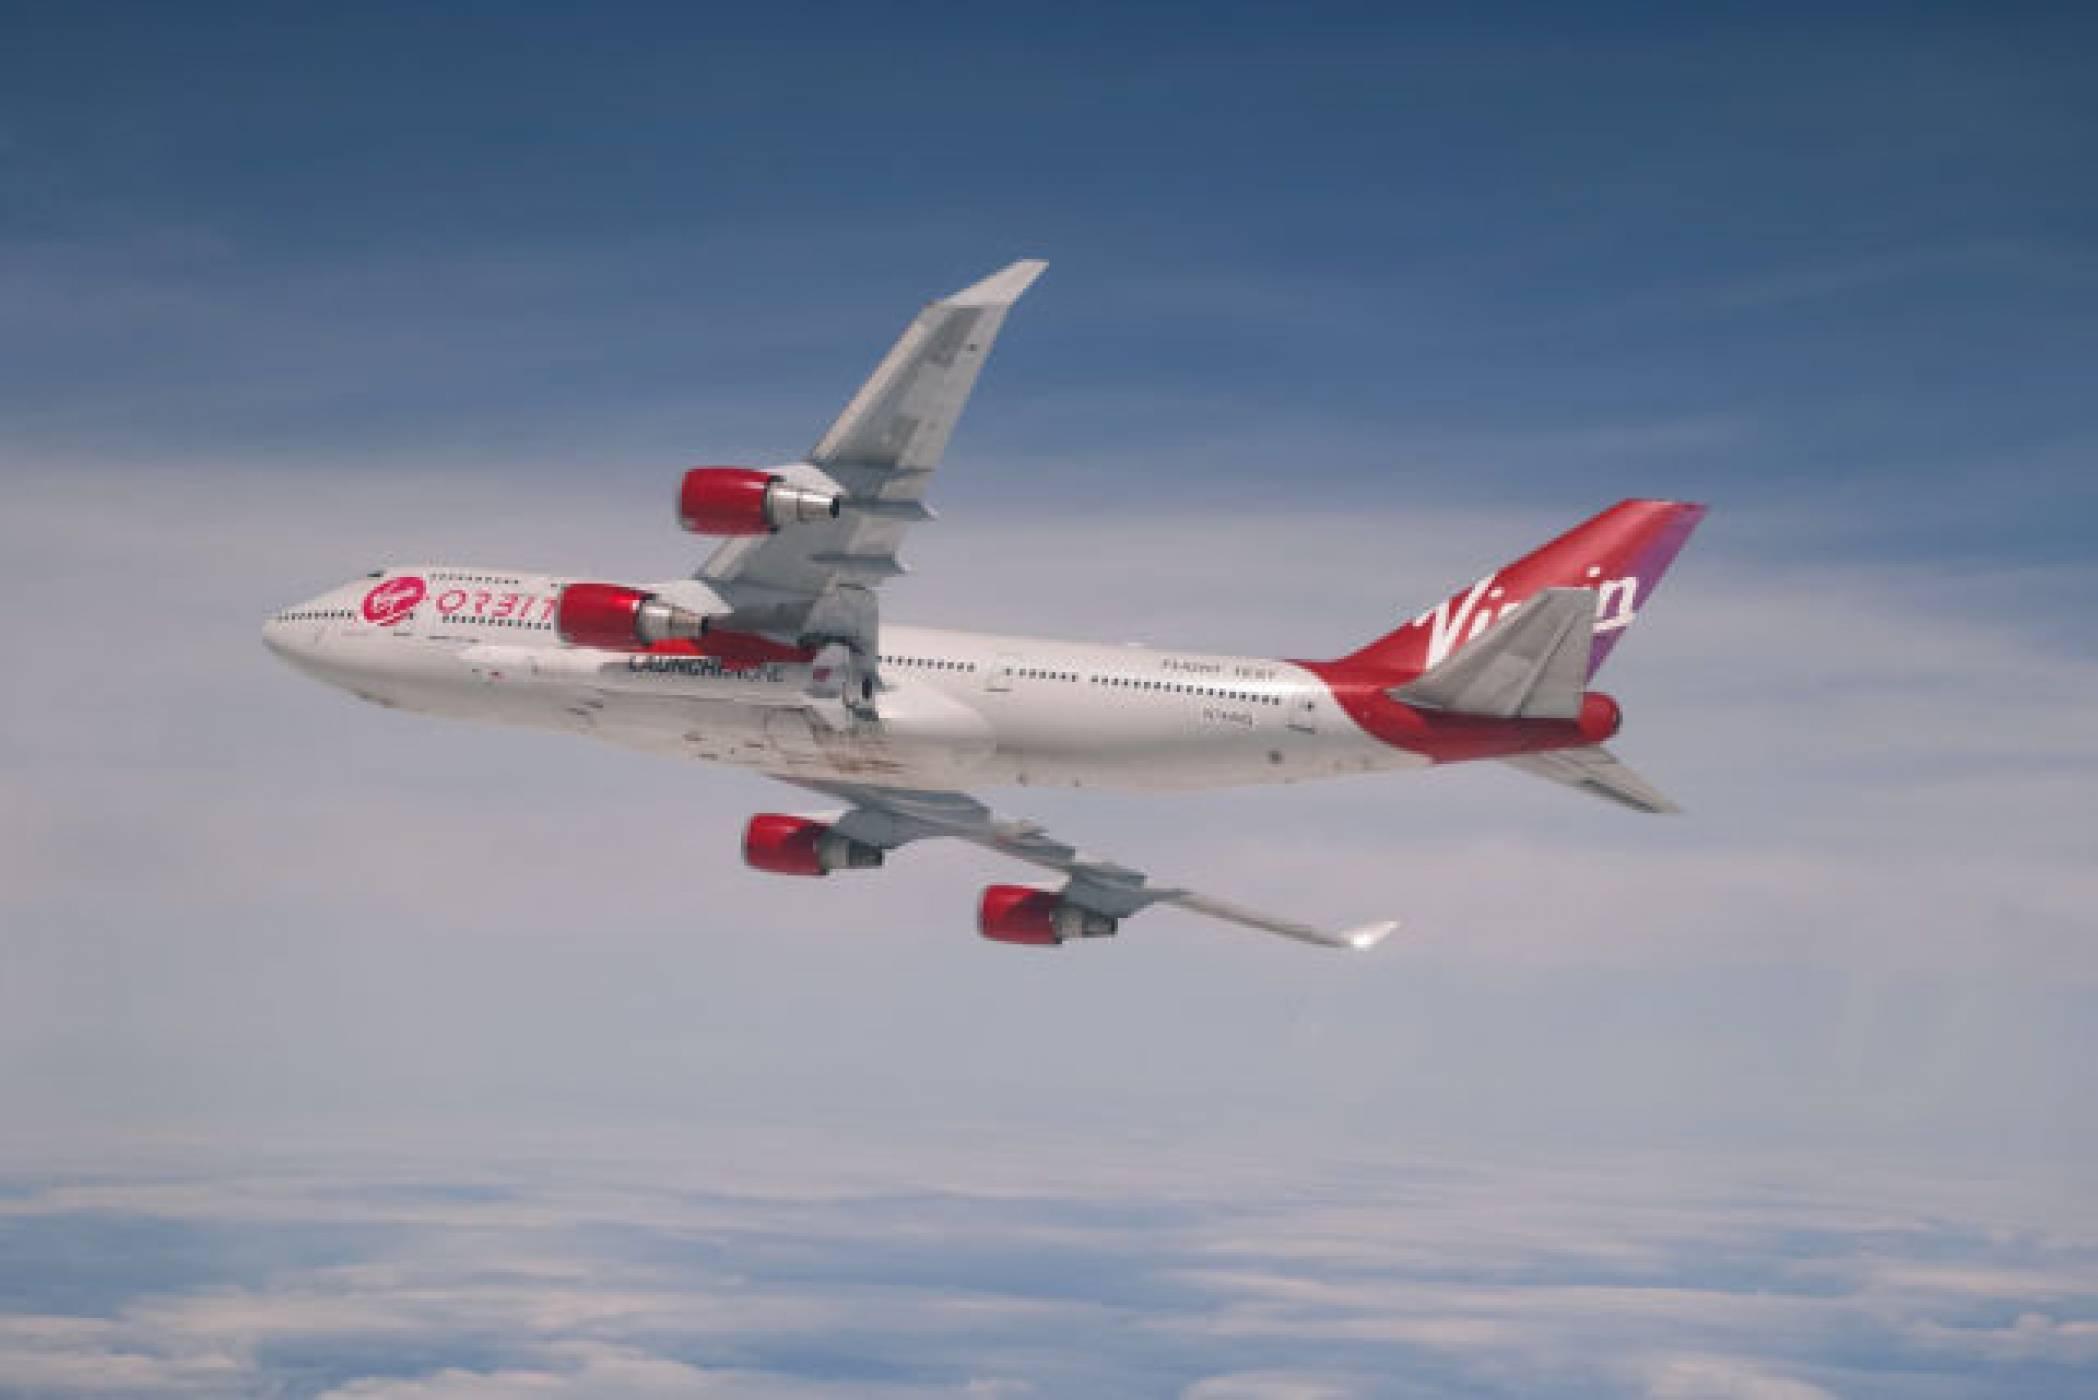 Самолетът ракетоносач на Virgin е все по-близо до първата си мисия